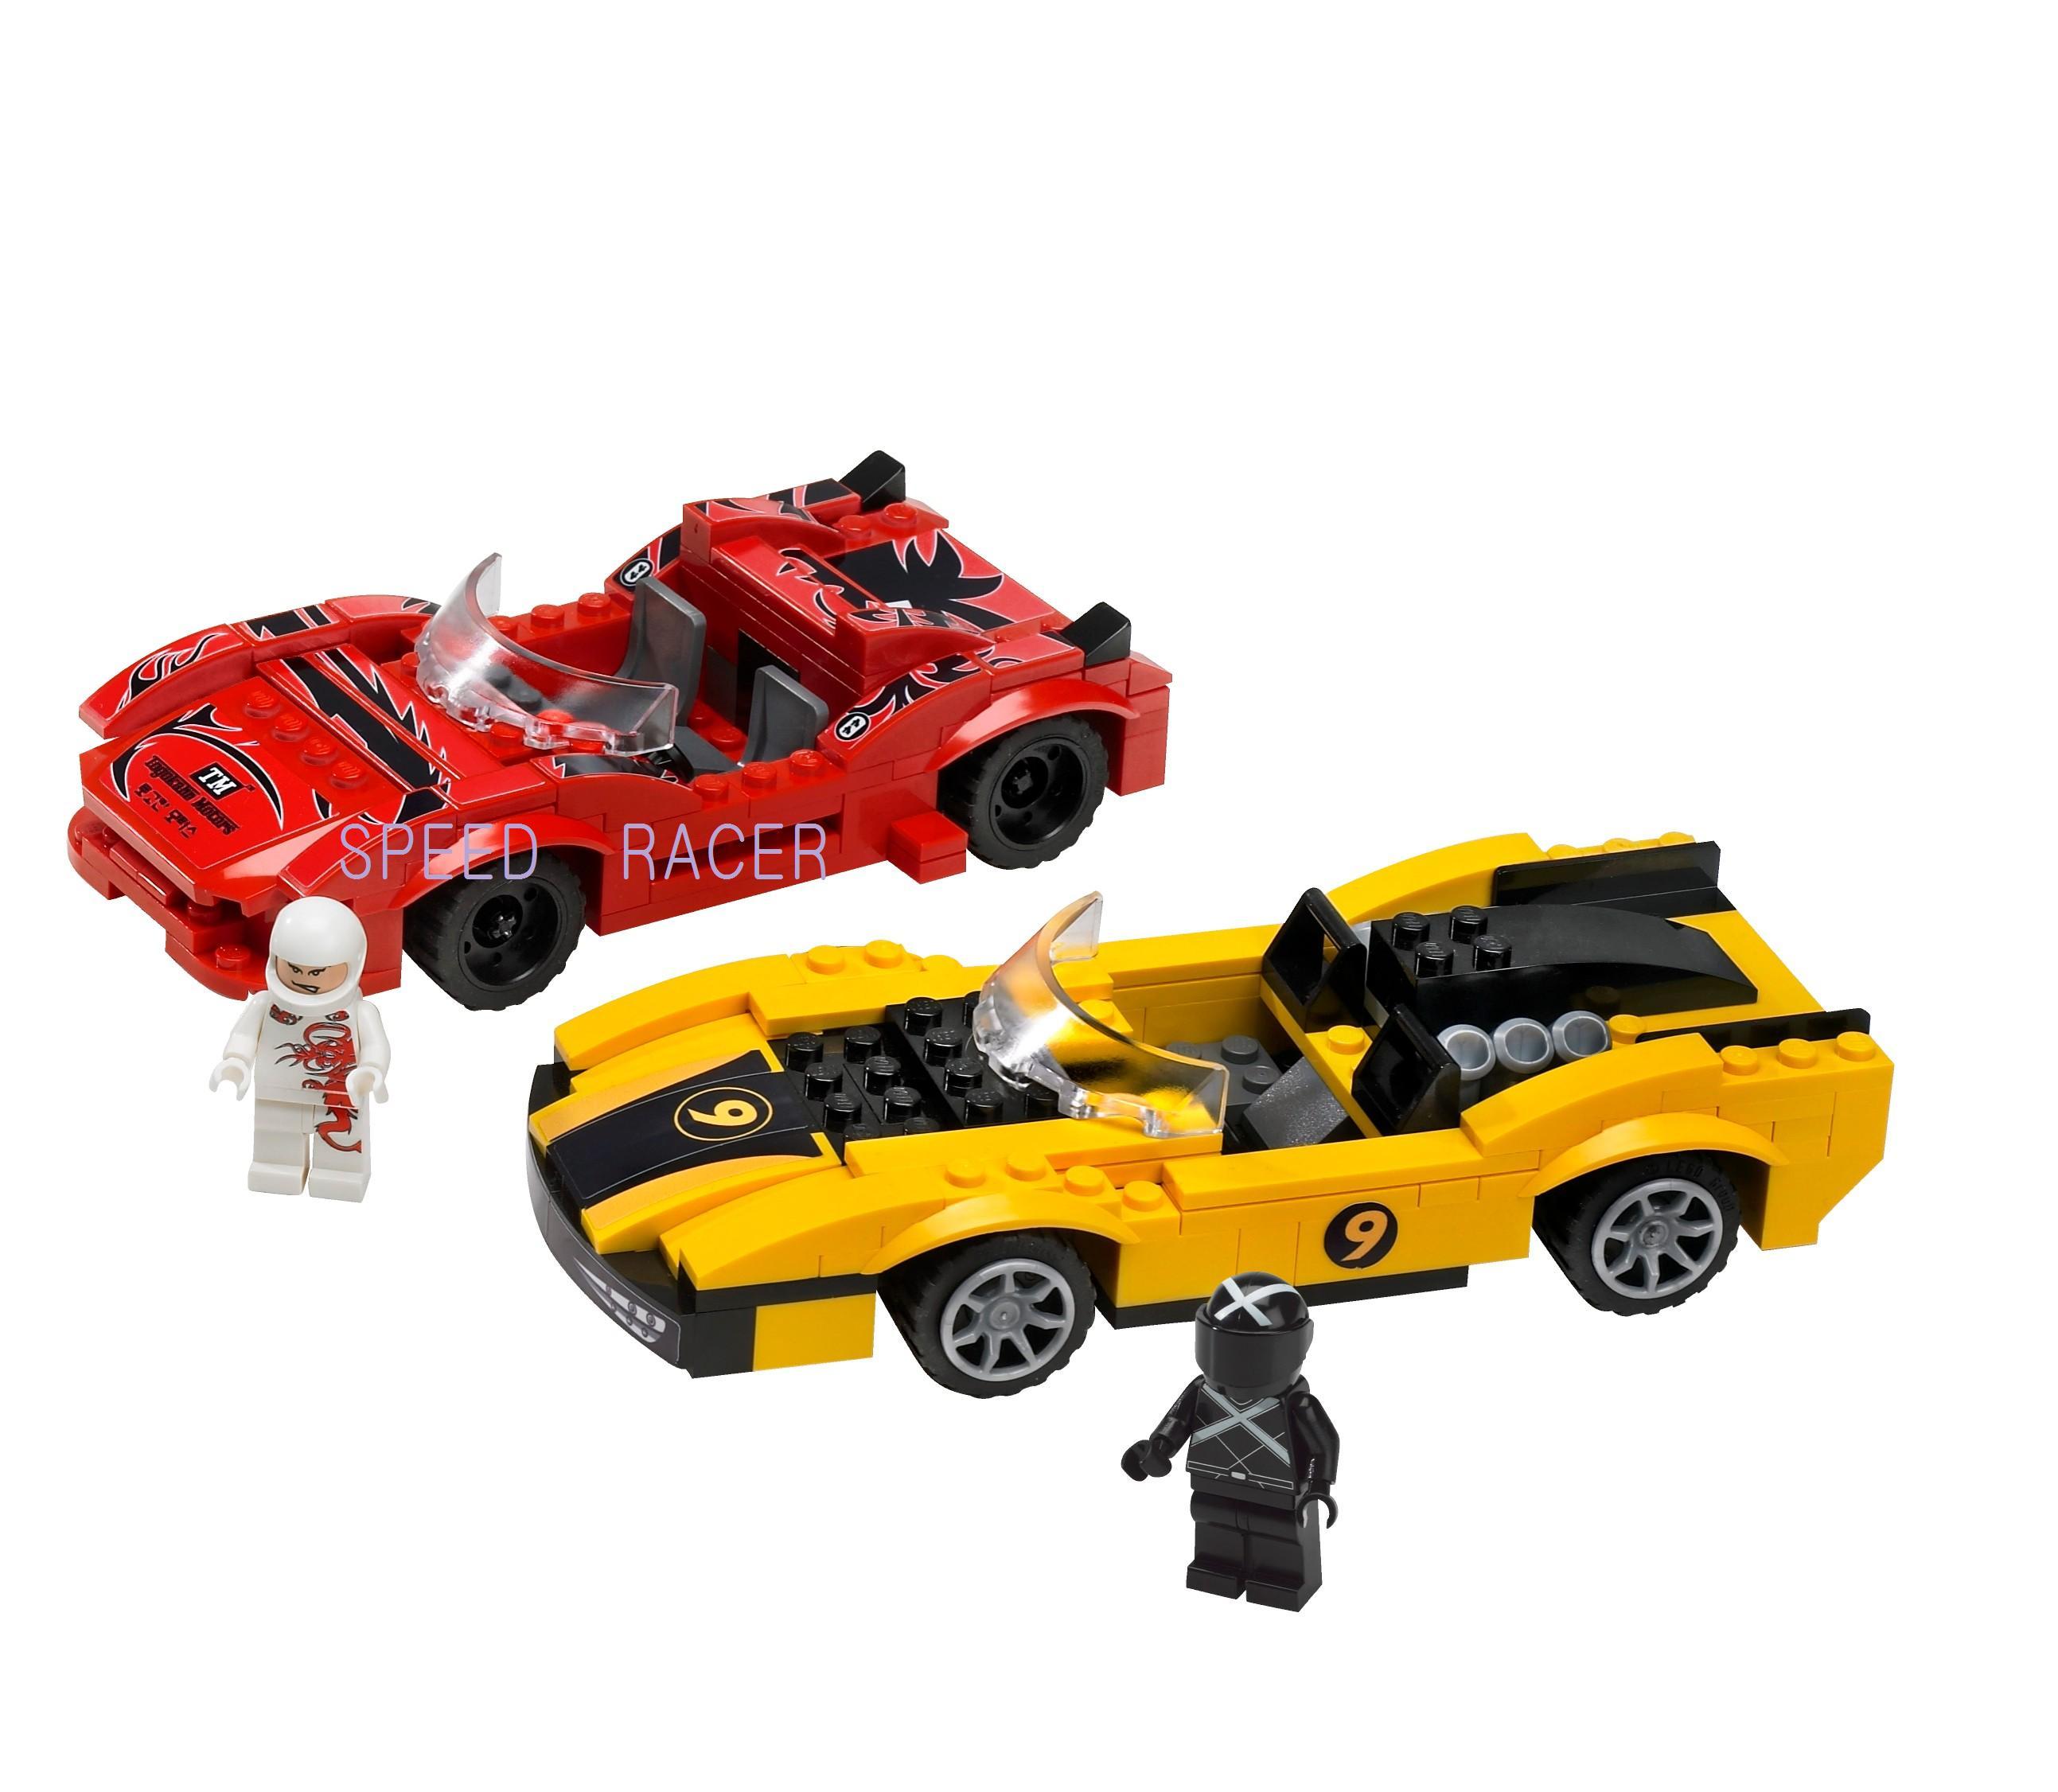 speed racer_c0047605_23584733.jpg